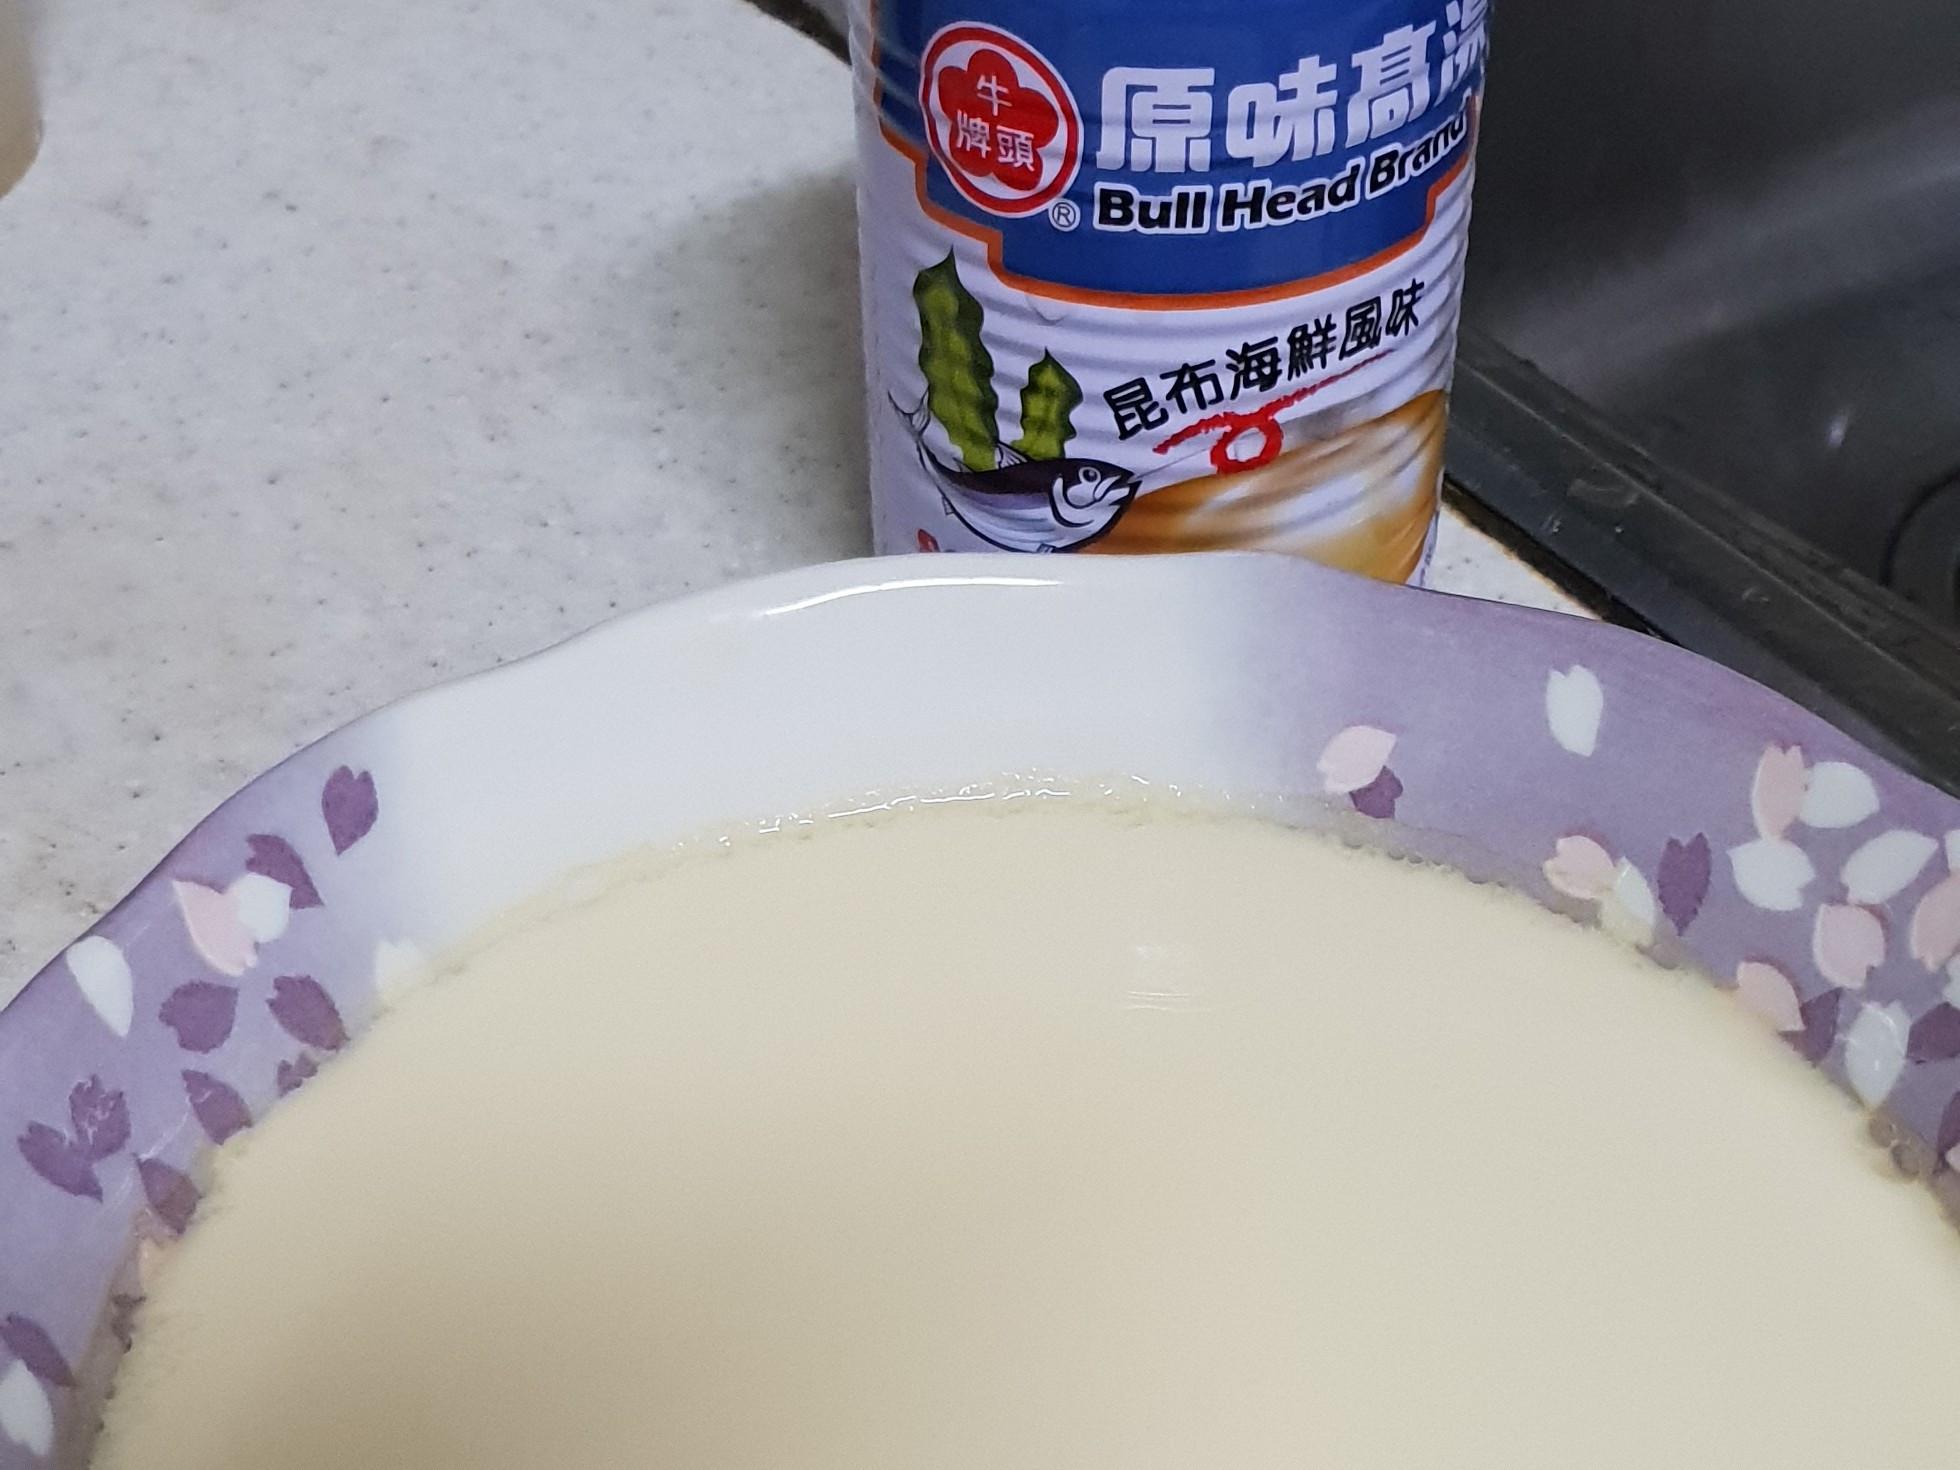 牛頭牌原味高湯之昆布海鮮風味蒸蛋